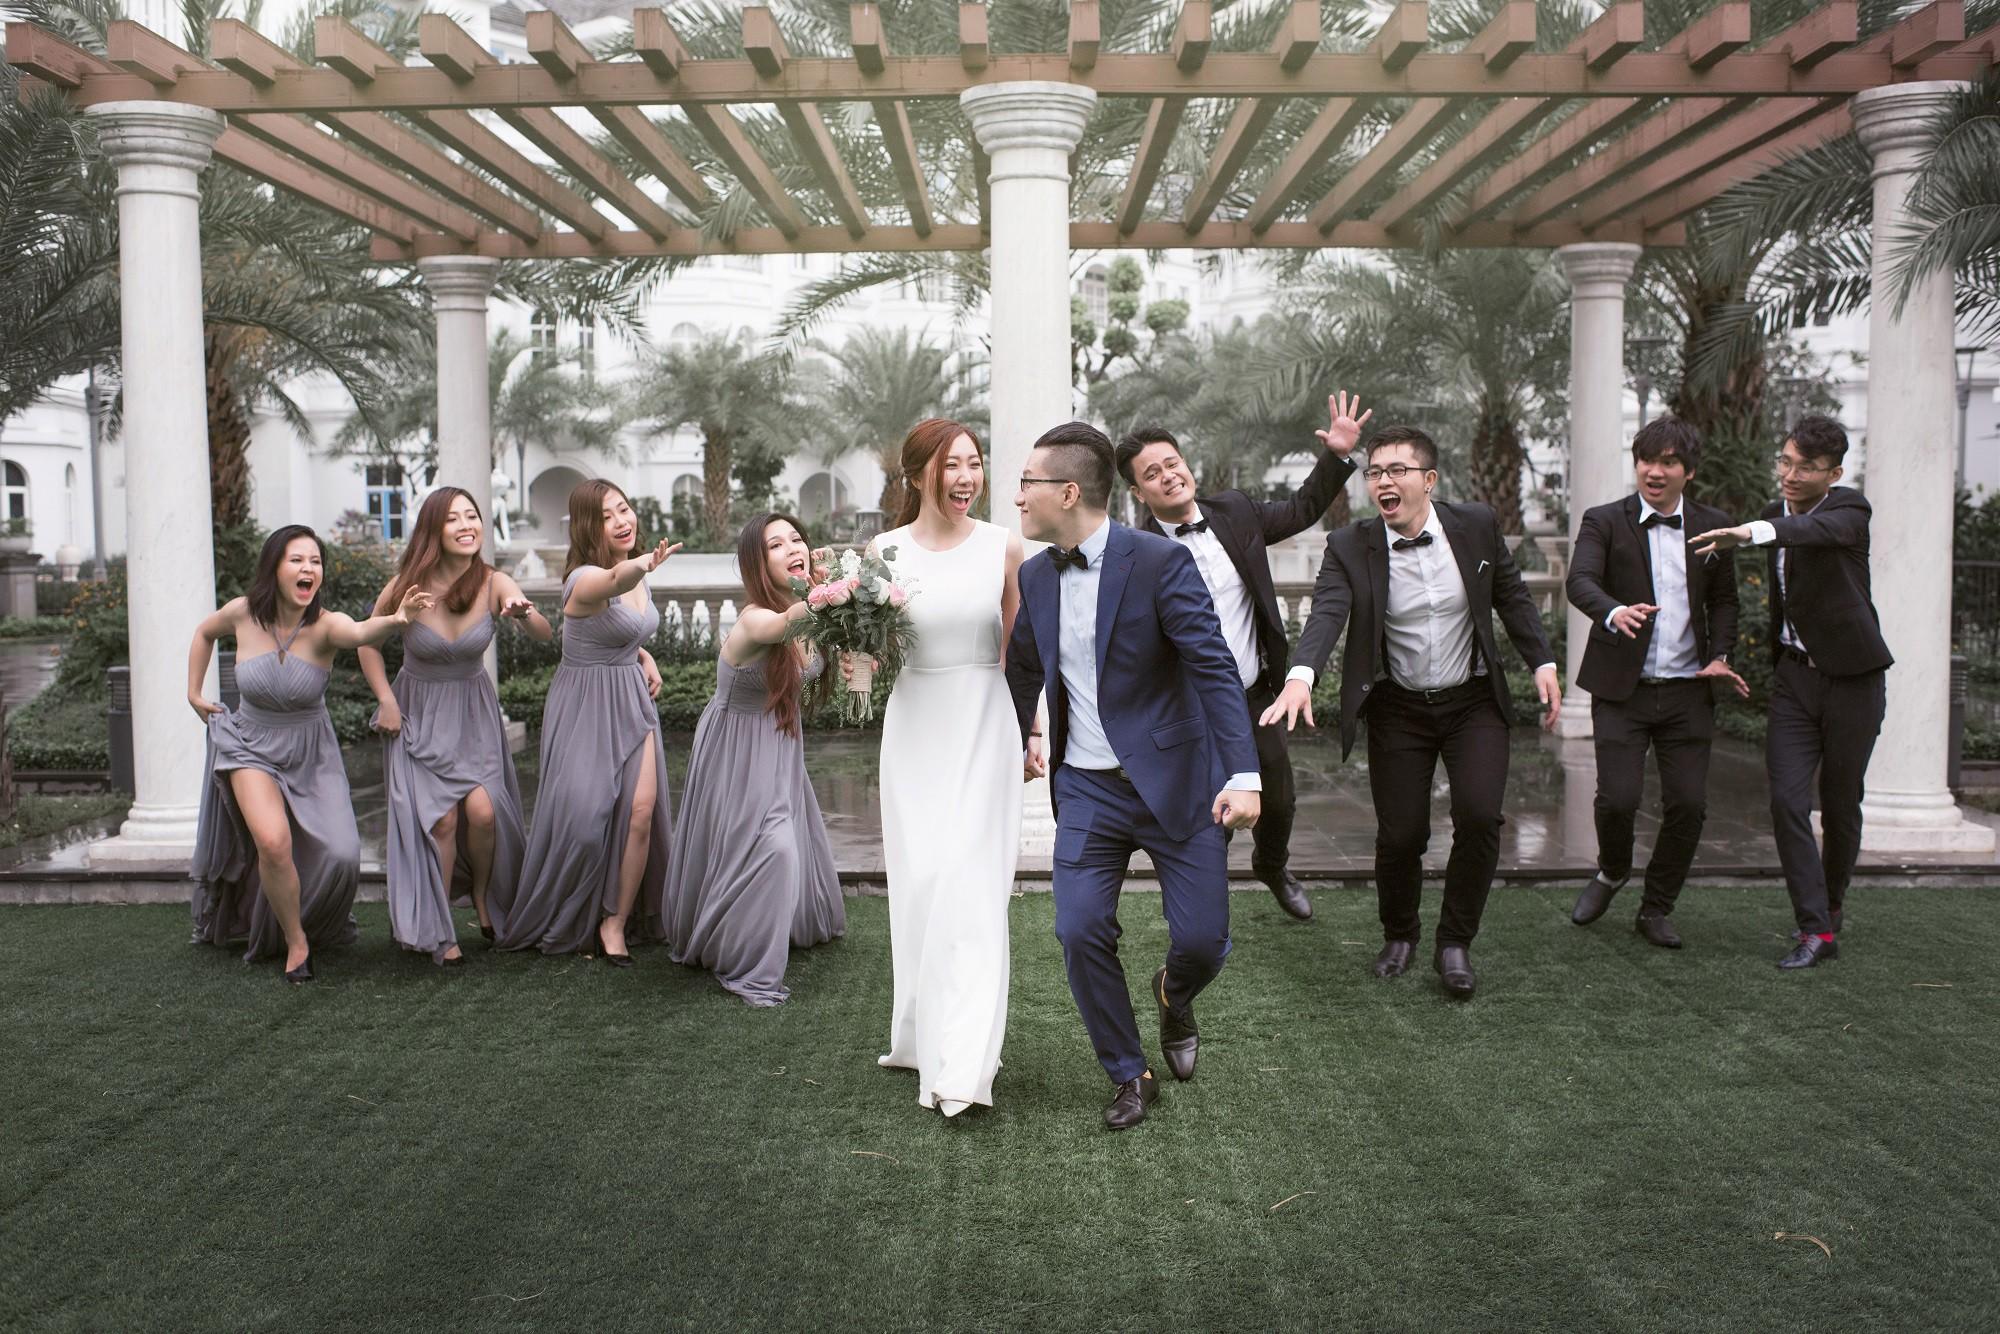 Em gái Trấn Thành kết hôn với bạn trai Hồng Kông, tung bộ ảnh cưới nhắng nhít cùng hội bạn thân - Ảnh 12.